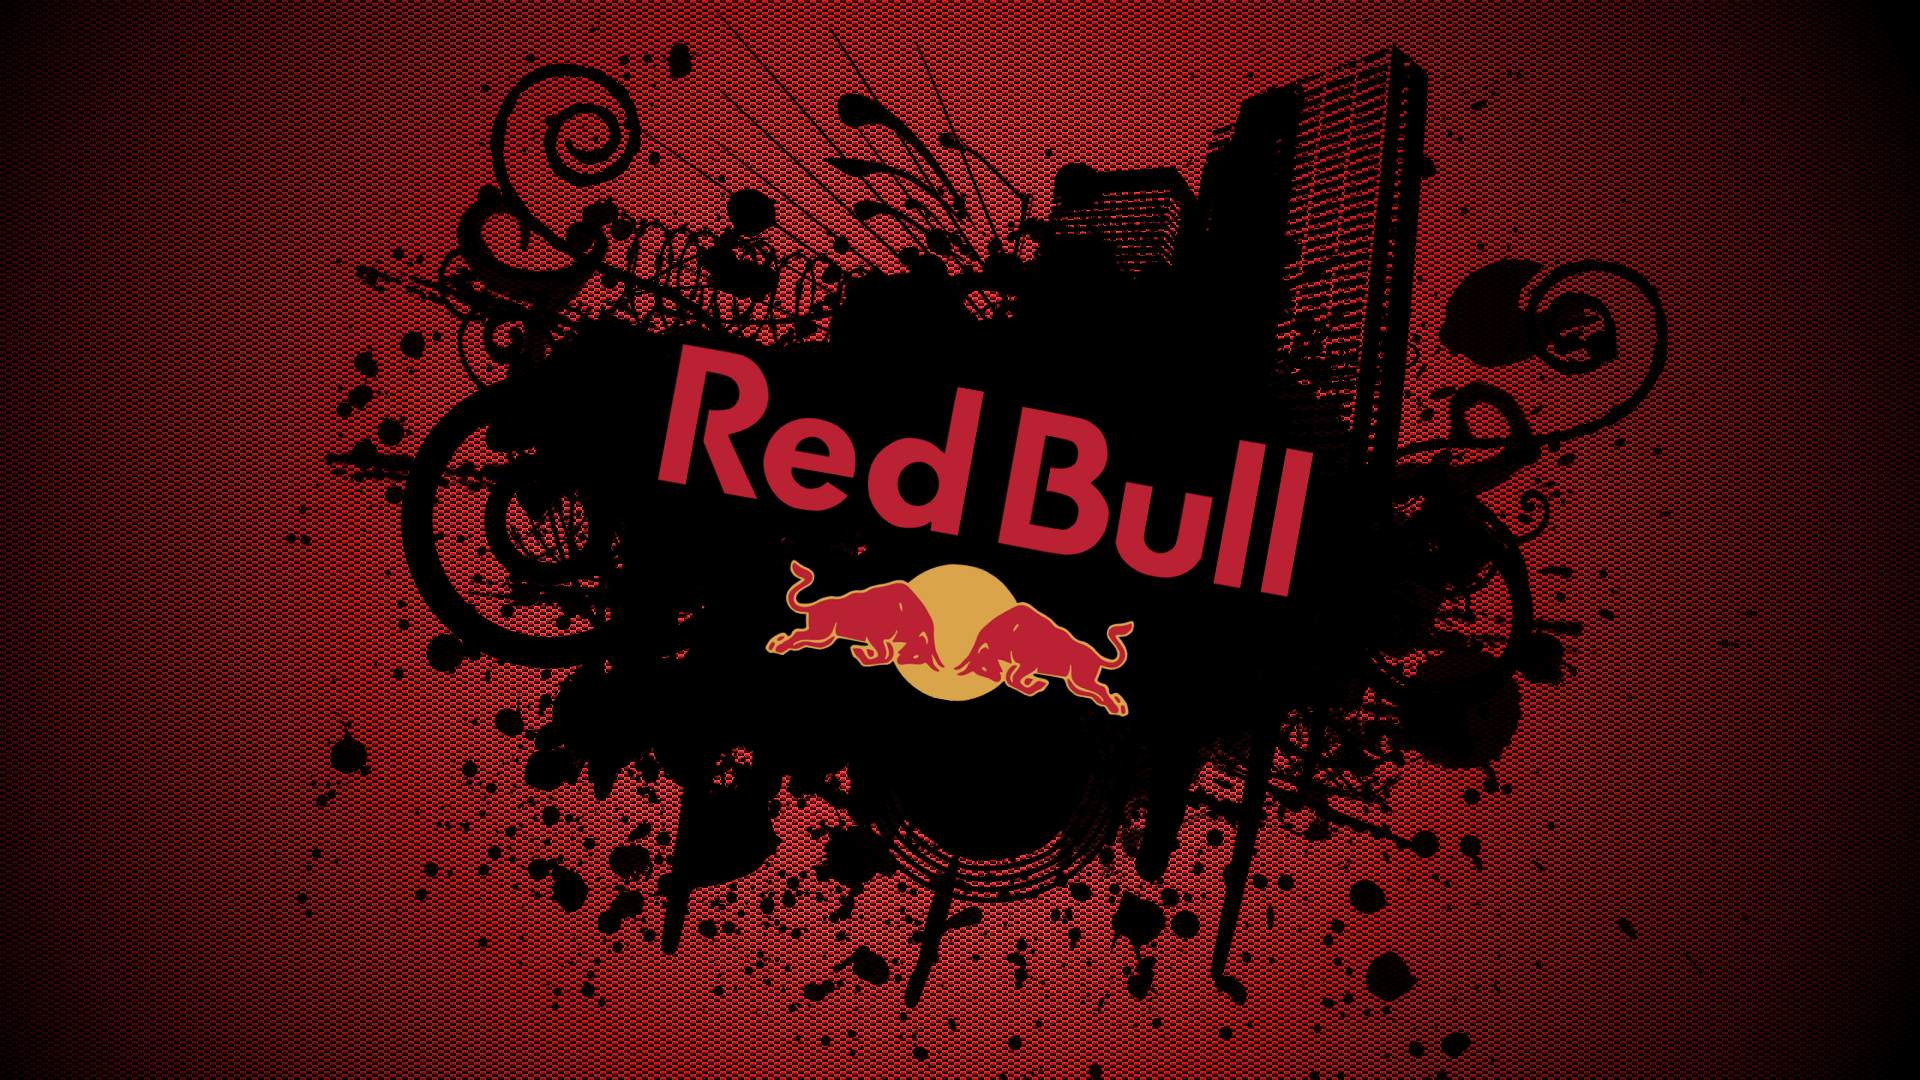 Red Bull Wallpapers - WallpaperSafari